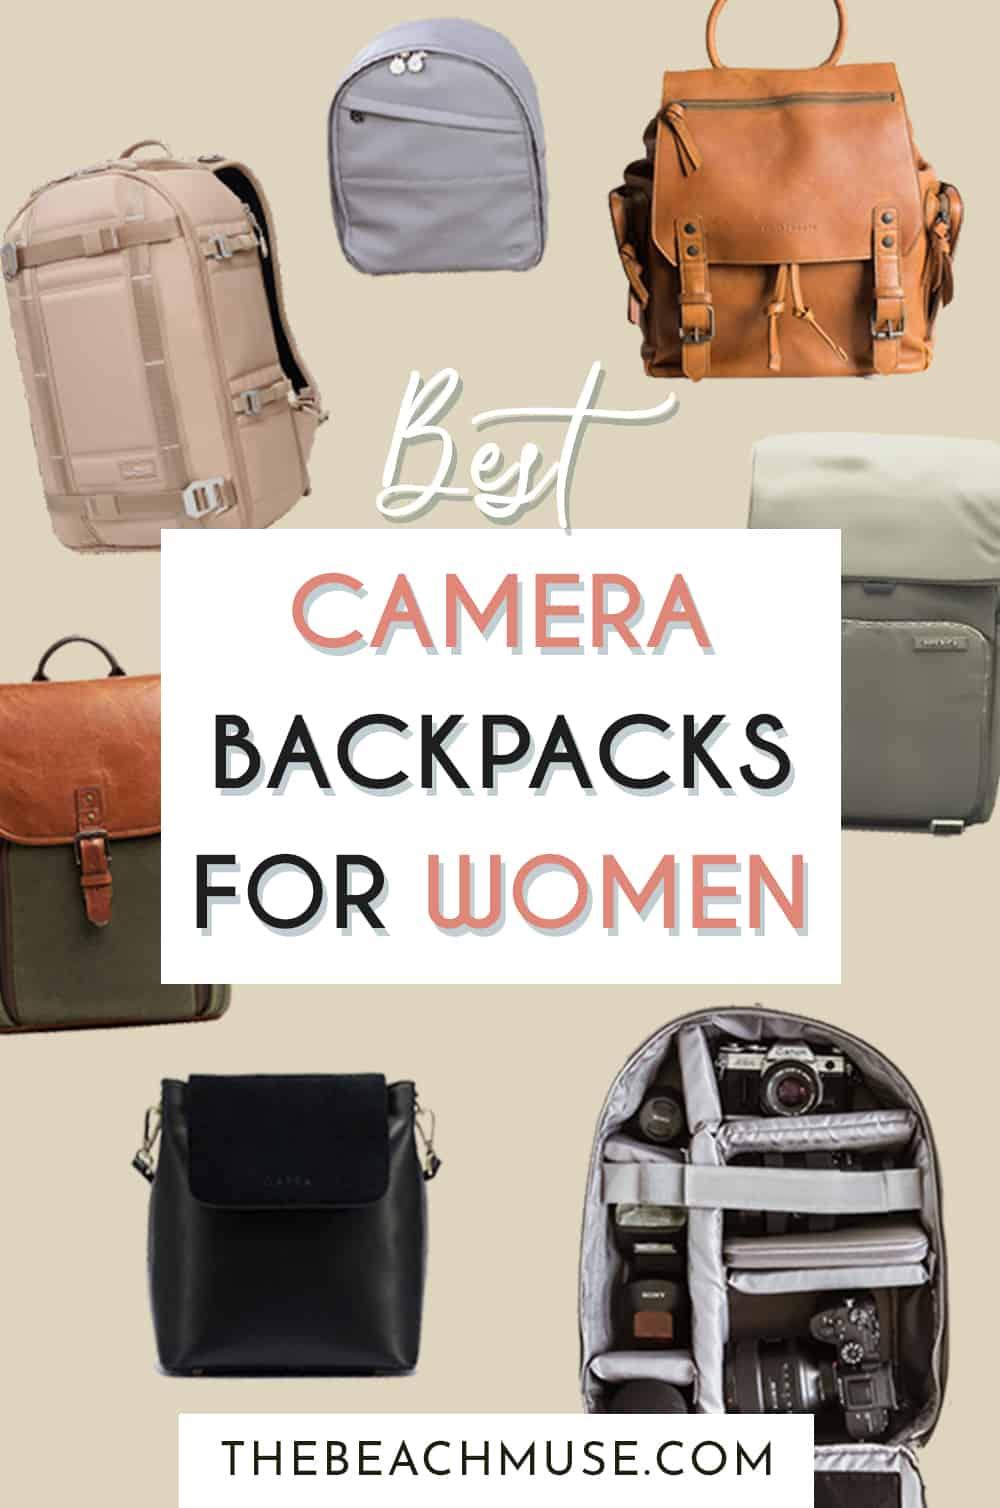 Best camera backpacks for women